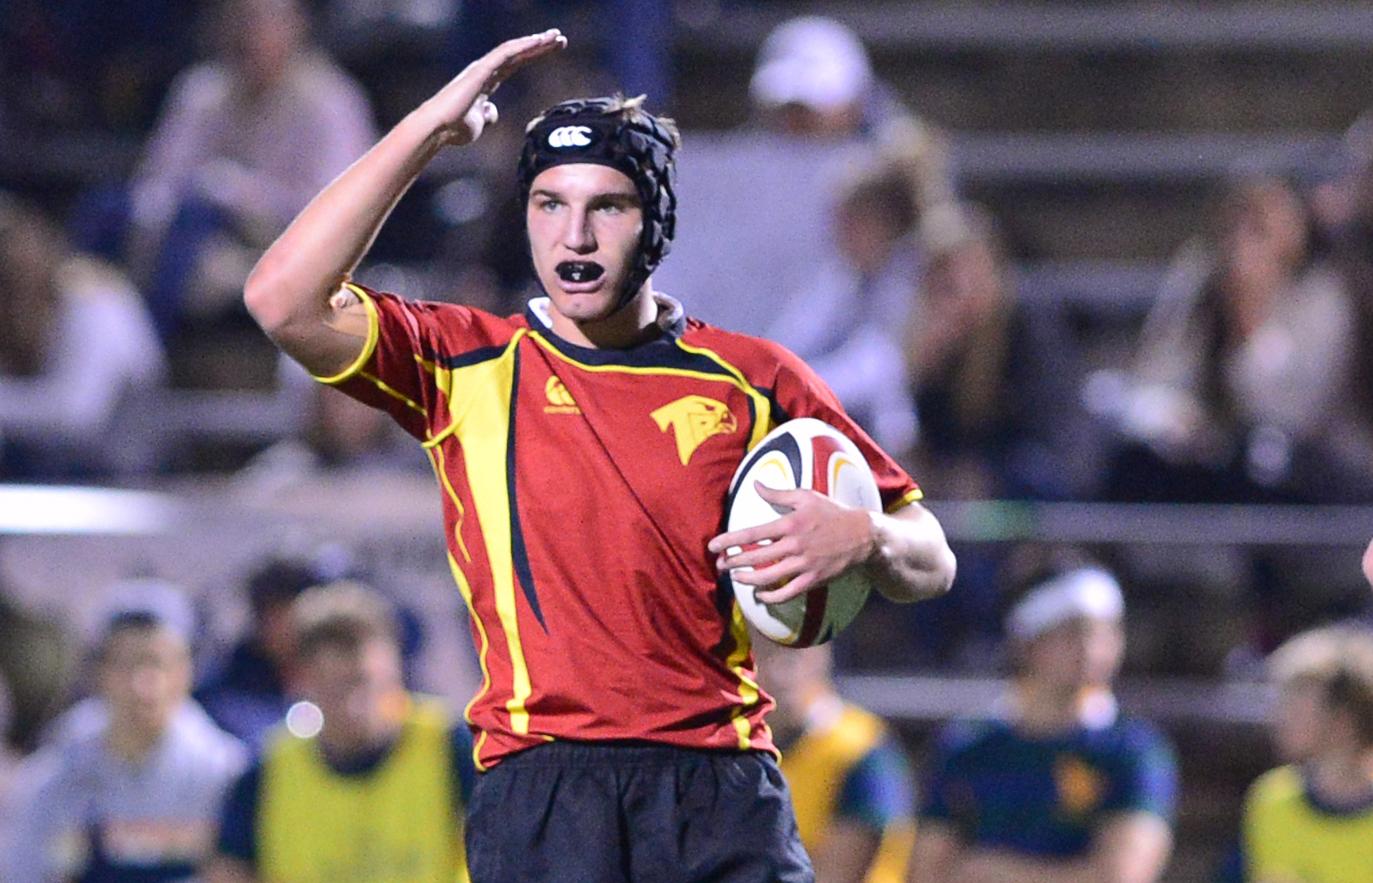 Jackson Baere - Torrey Pines  Rugby - Anna Scipione photo.